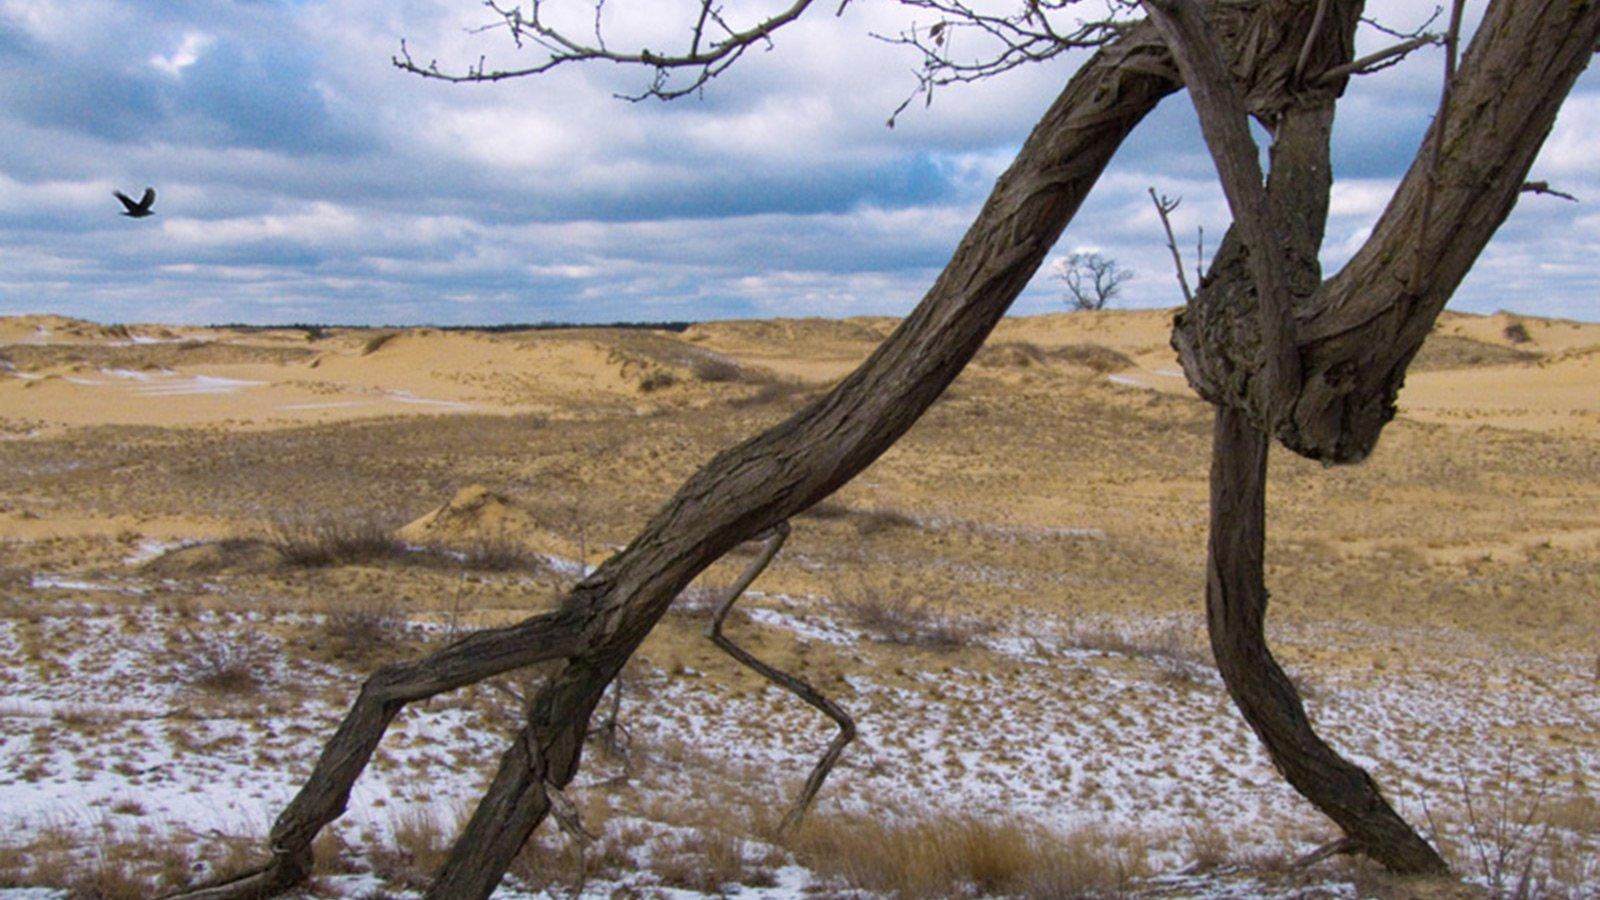 """Олешківські піски є безкраї бархани, висотою метрів по п'ять, які під дією вітру потроху пересуваються, """"повзають""""."""